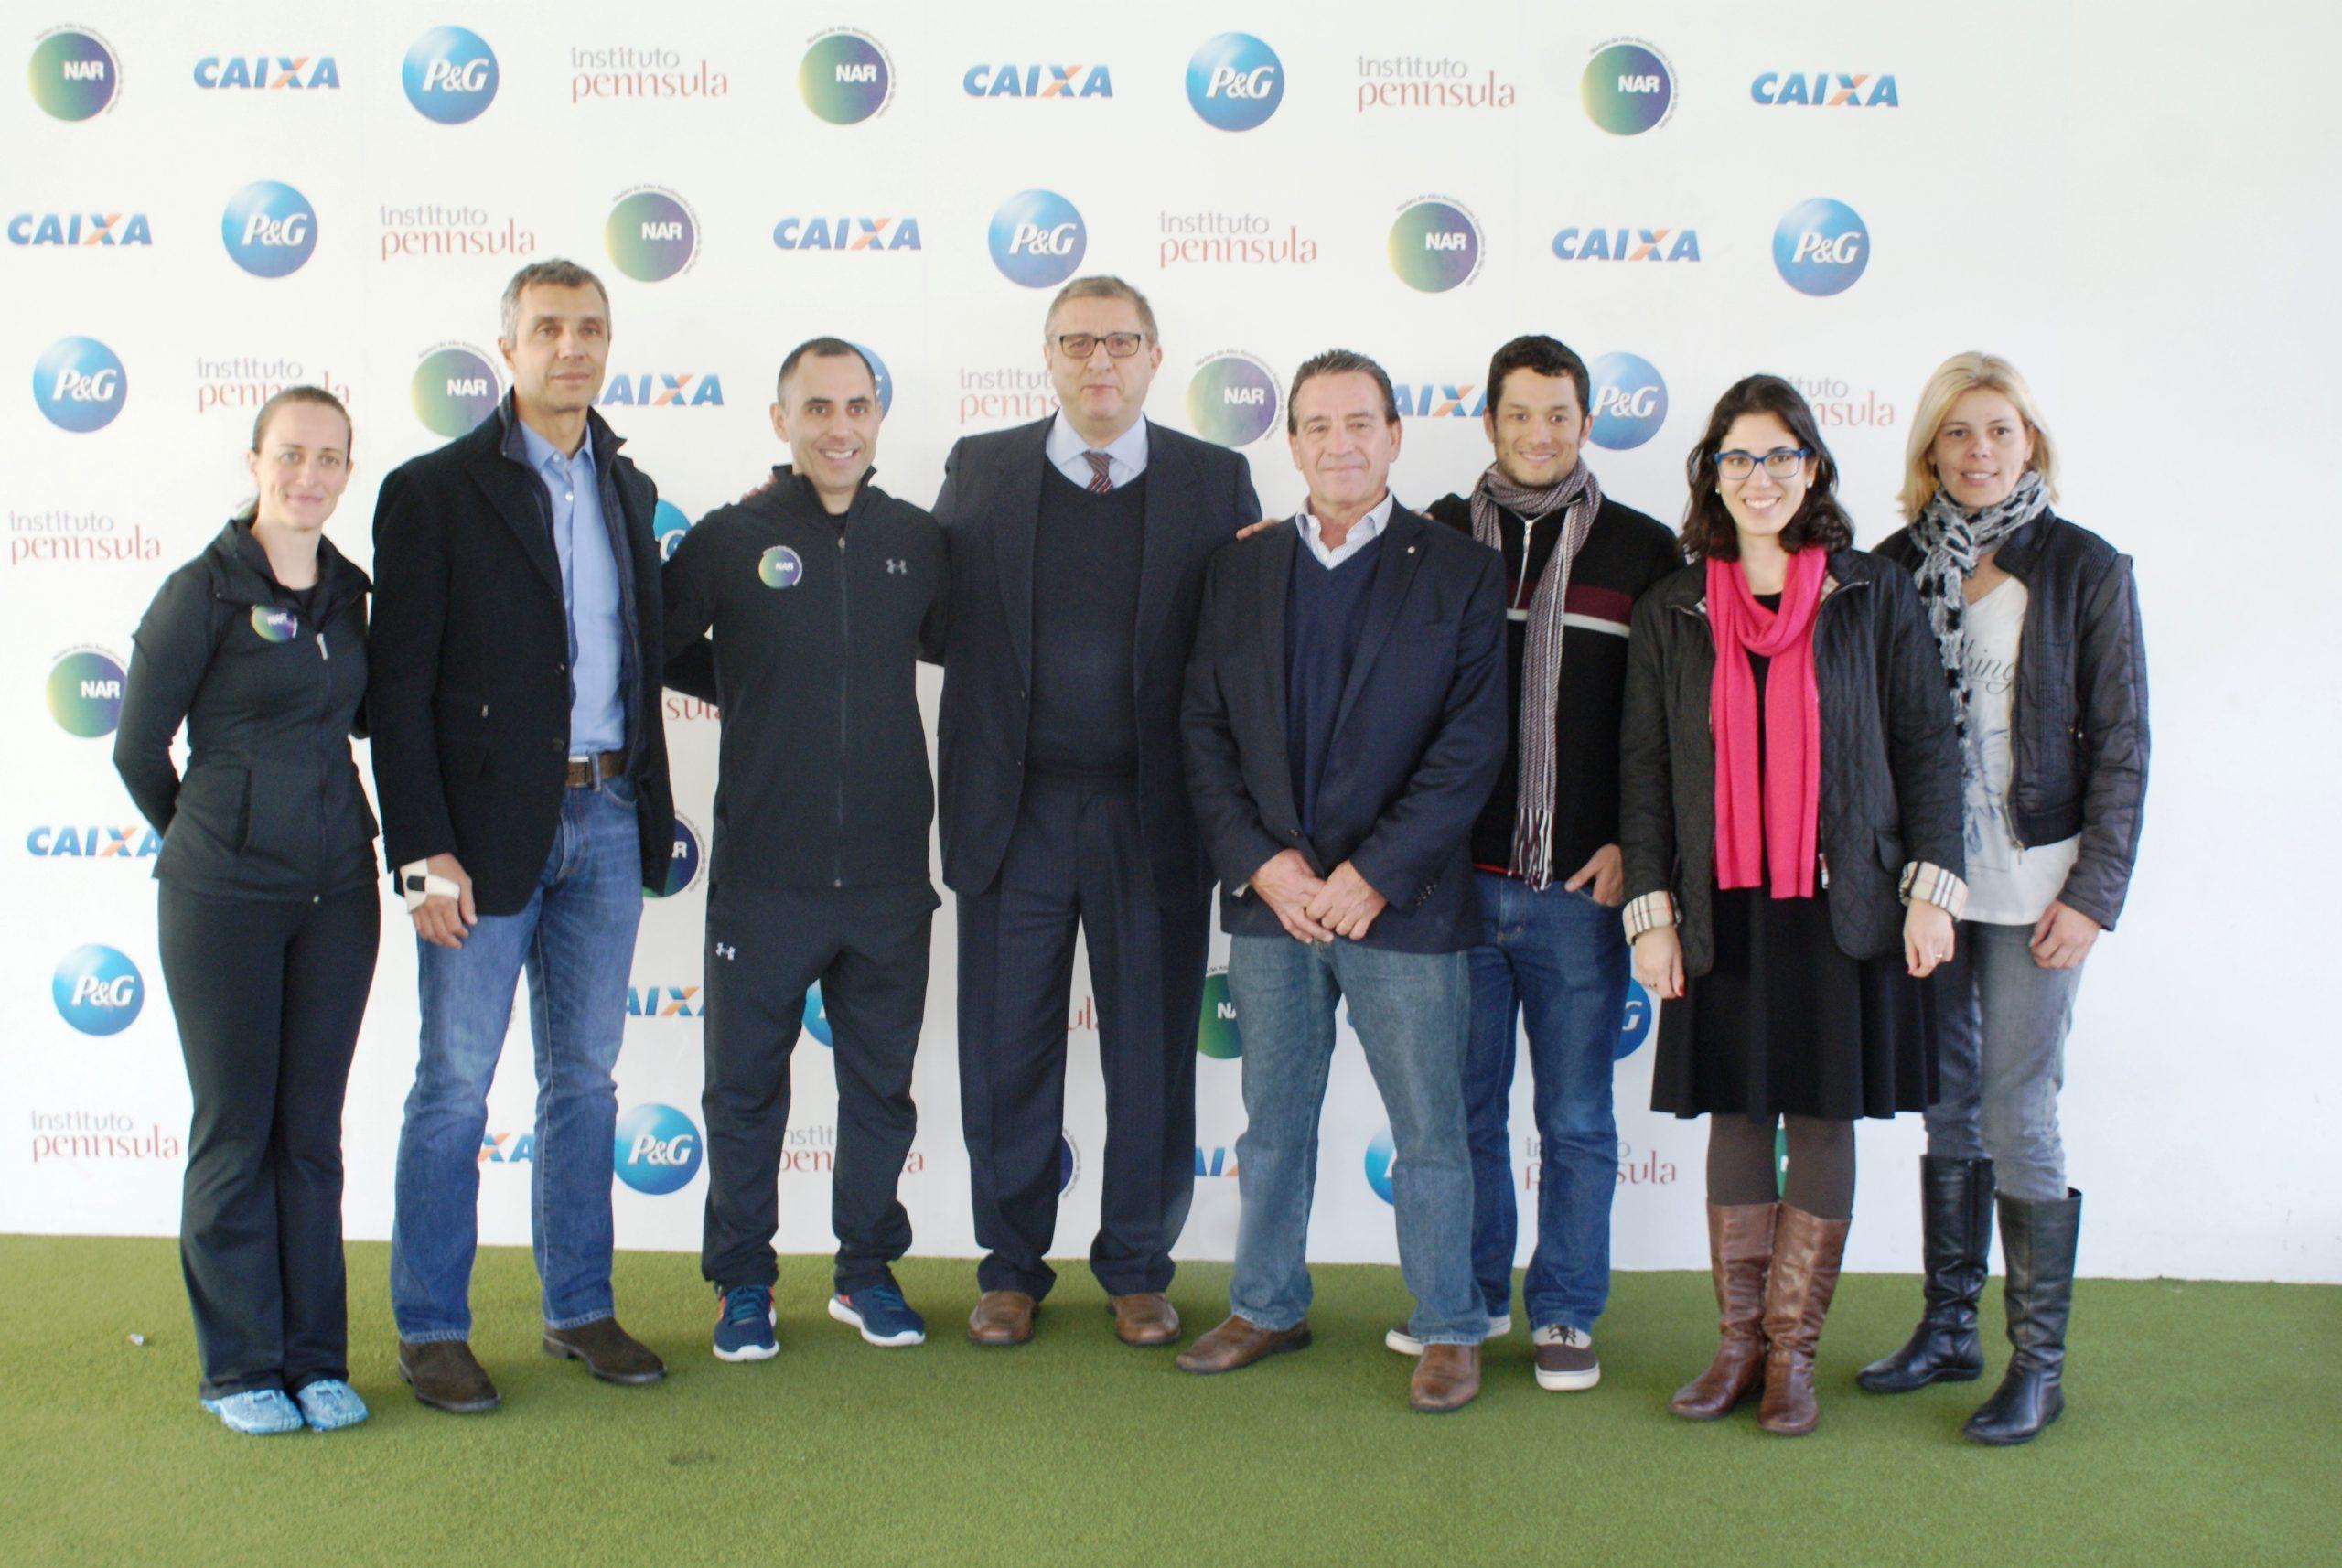 Secretário de Esportes de São Paulo se encontra com João Paulo Diniz no NAR